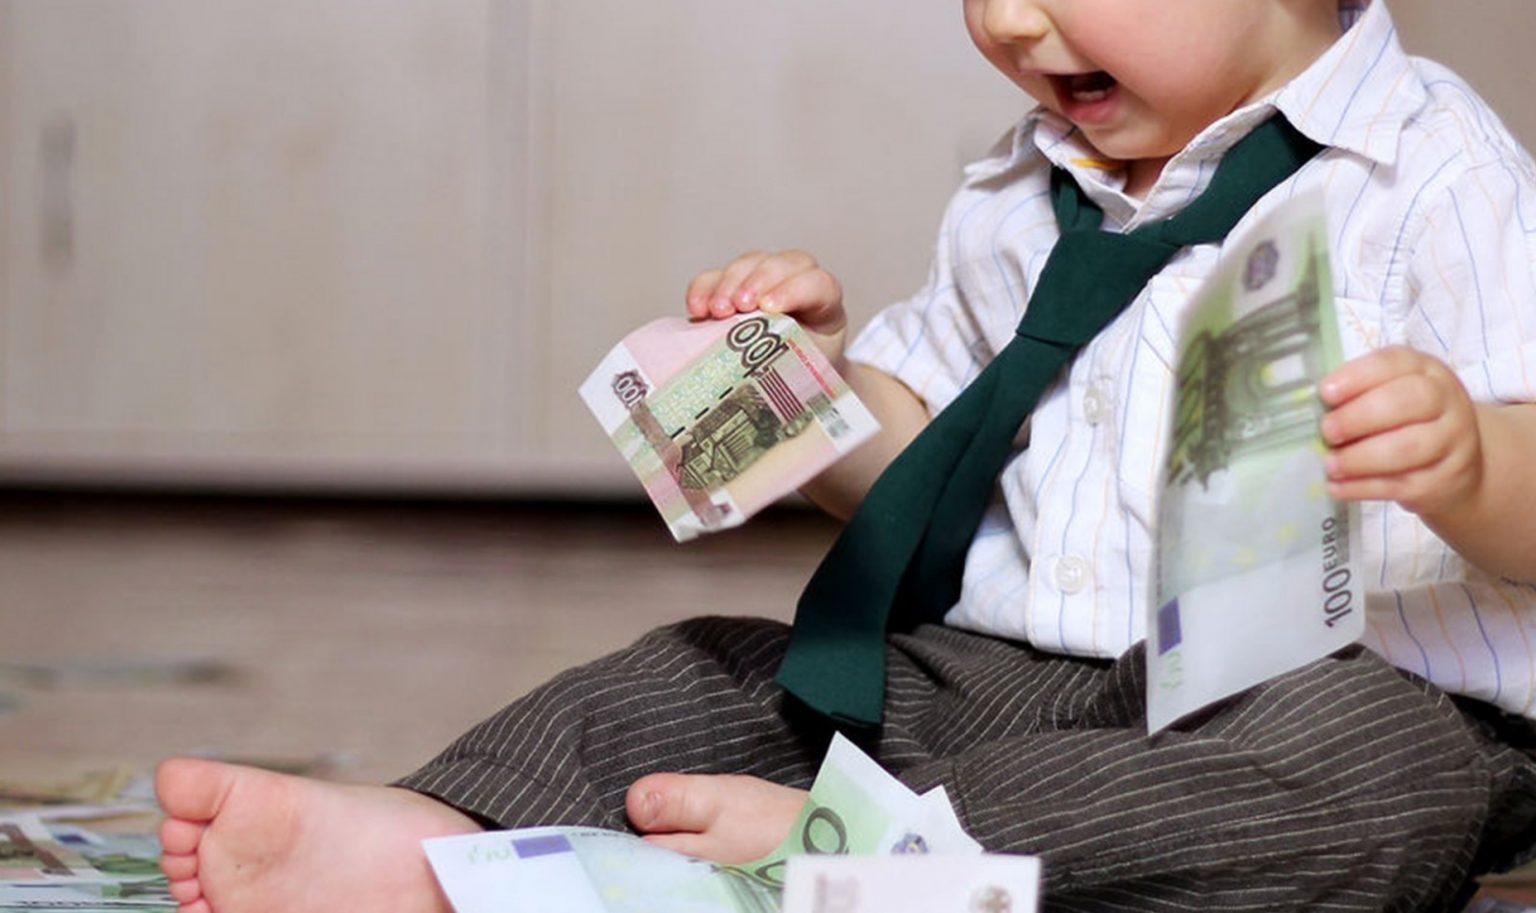 Какие детские выплаты ожидаются в июне 2021 года